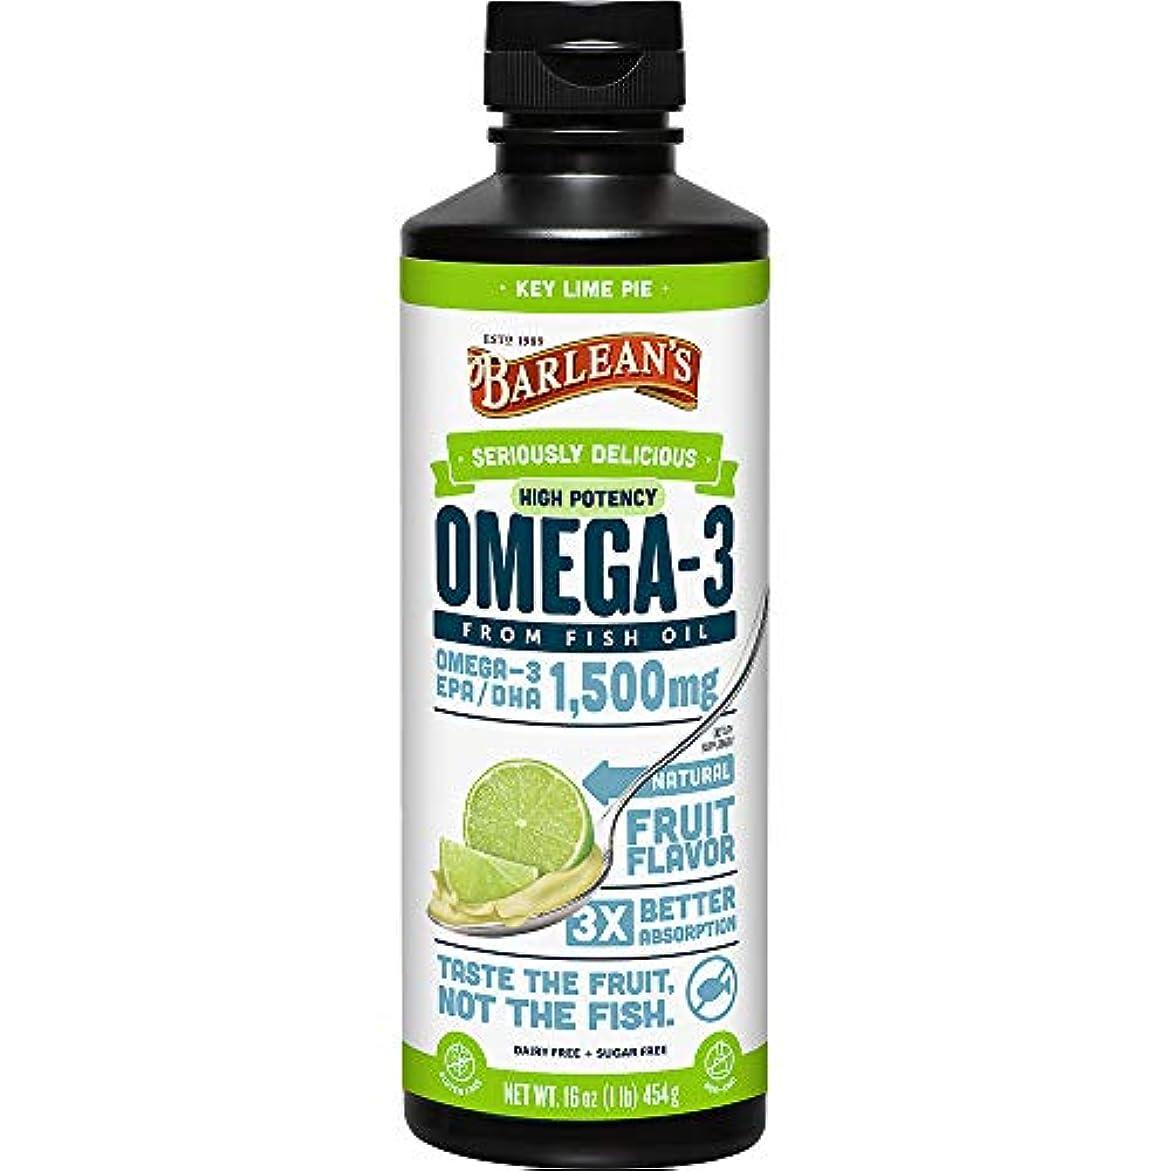 醸造所後ろに海外Barlean's - Omegaの渦巻の魚オイルの超高い潜在的能力Key石灰 1500 mg。16ポンド